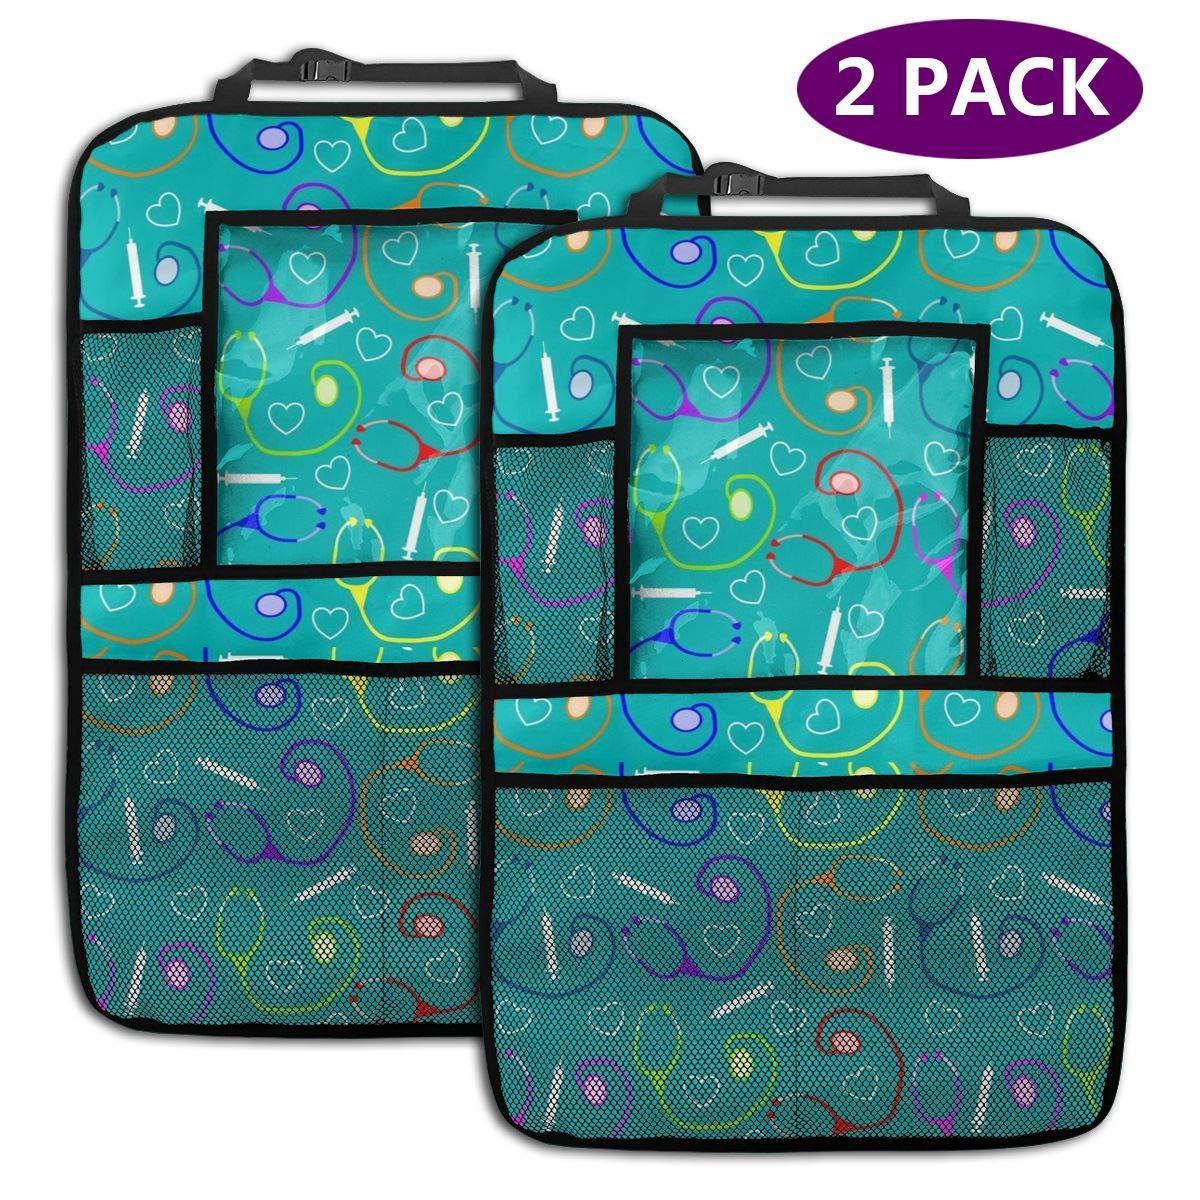 Sootot Nurse Medical Car Backseat Organizer Tablet Holder Organizador de Asiento de Coche Universal 2 Pack: Amazon.es: Coche y moto